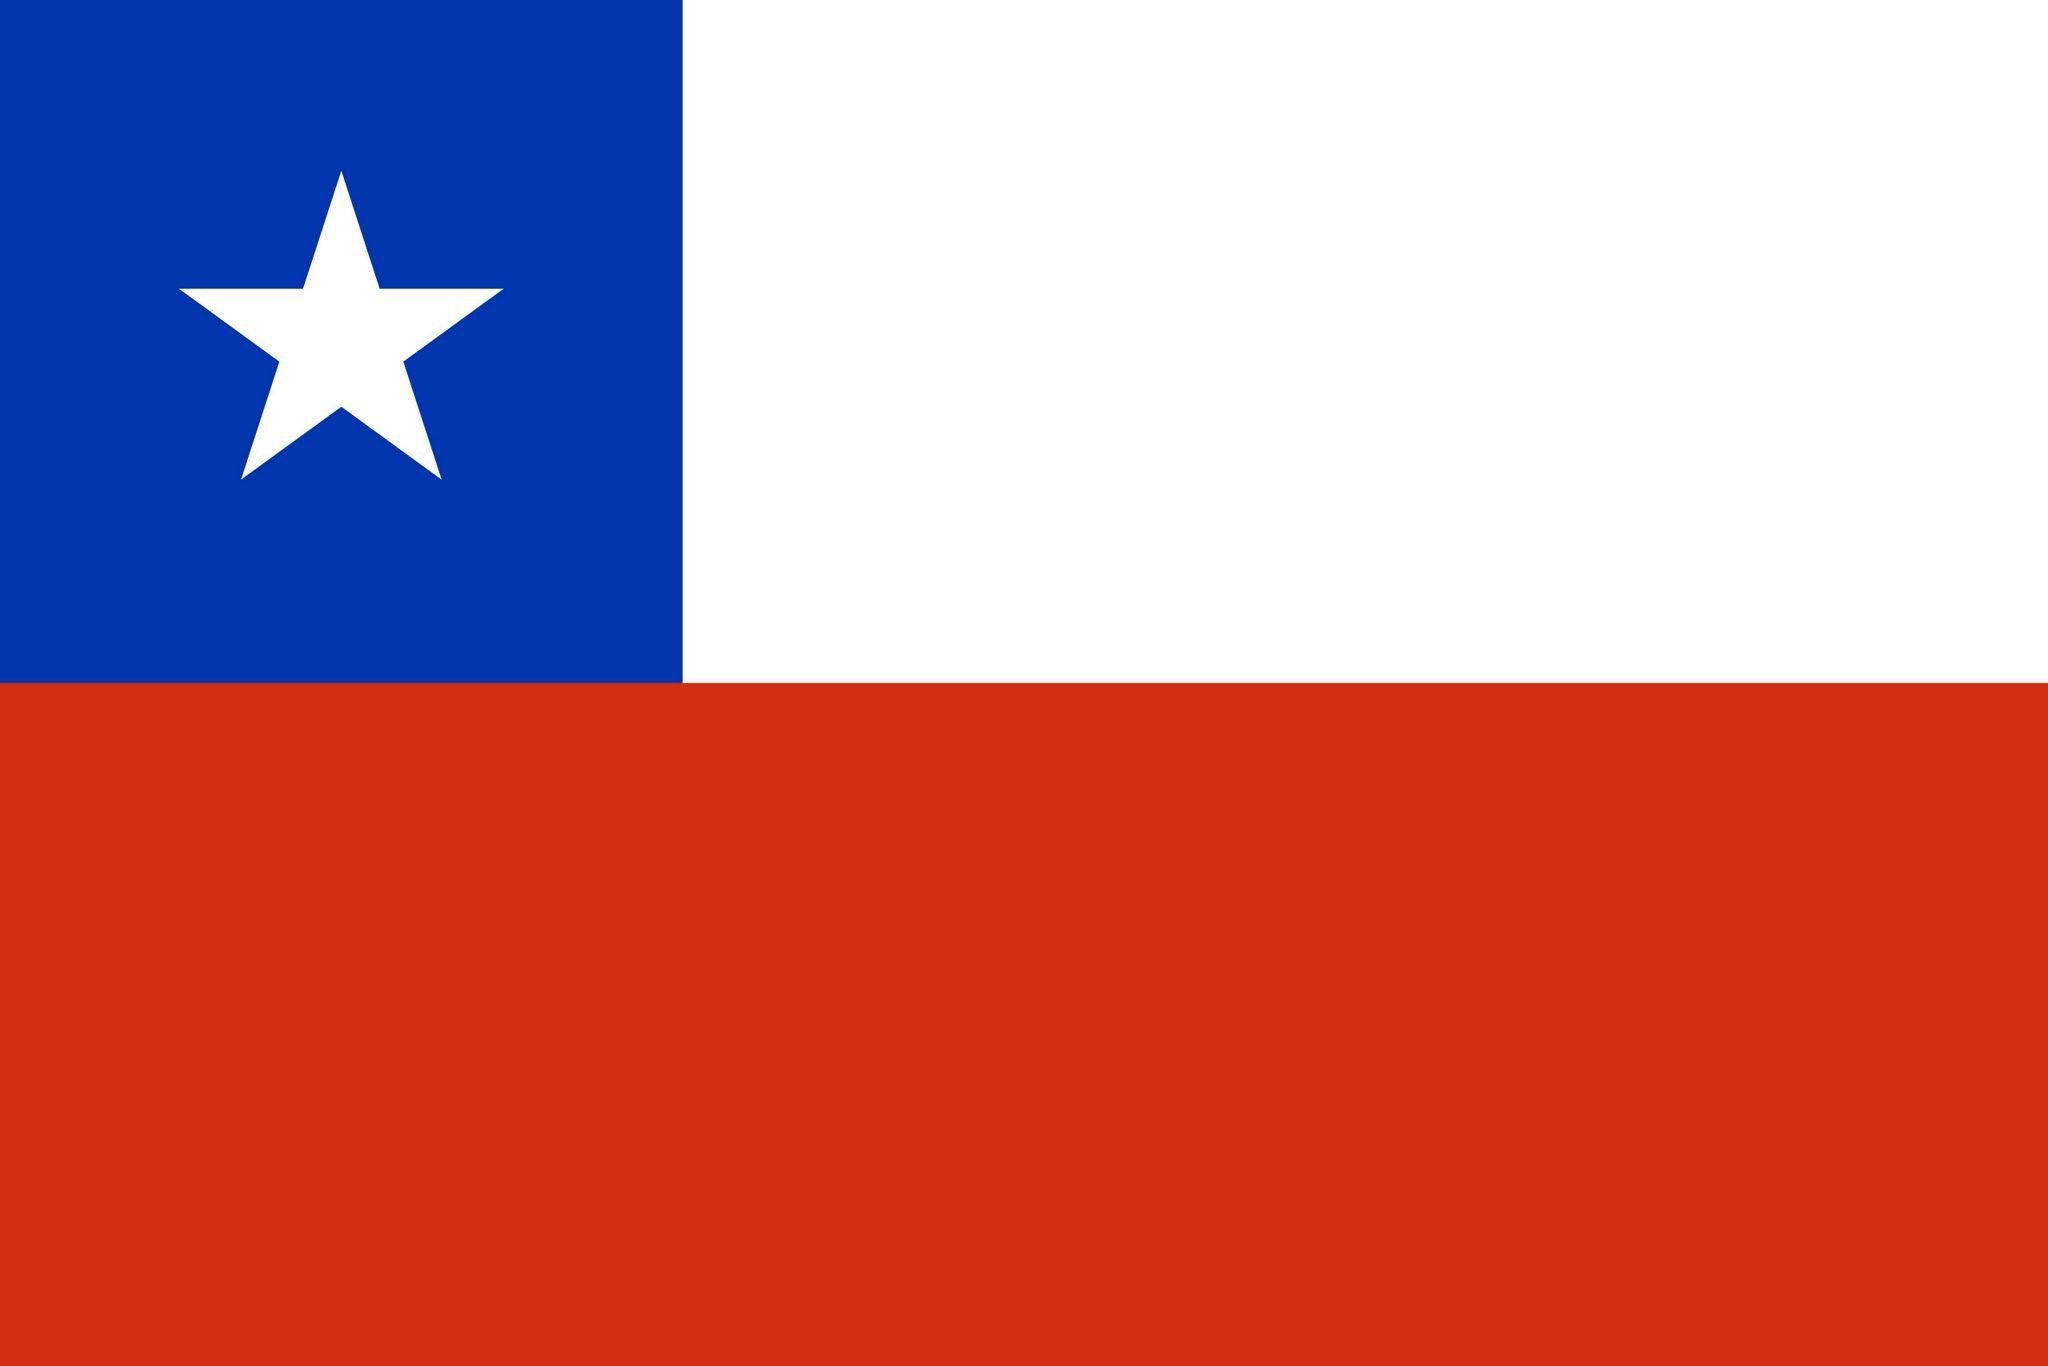 Drapeau Chili | Drapeaux des pays | Pinterest